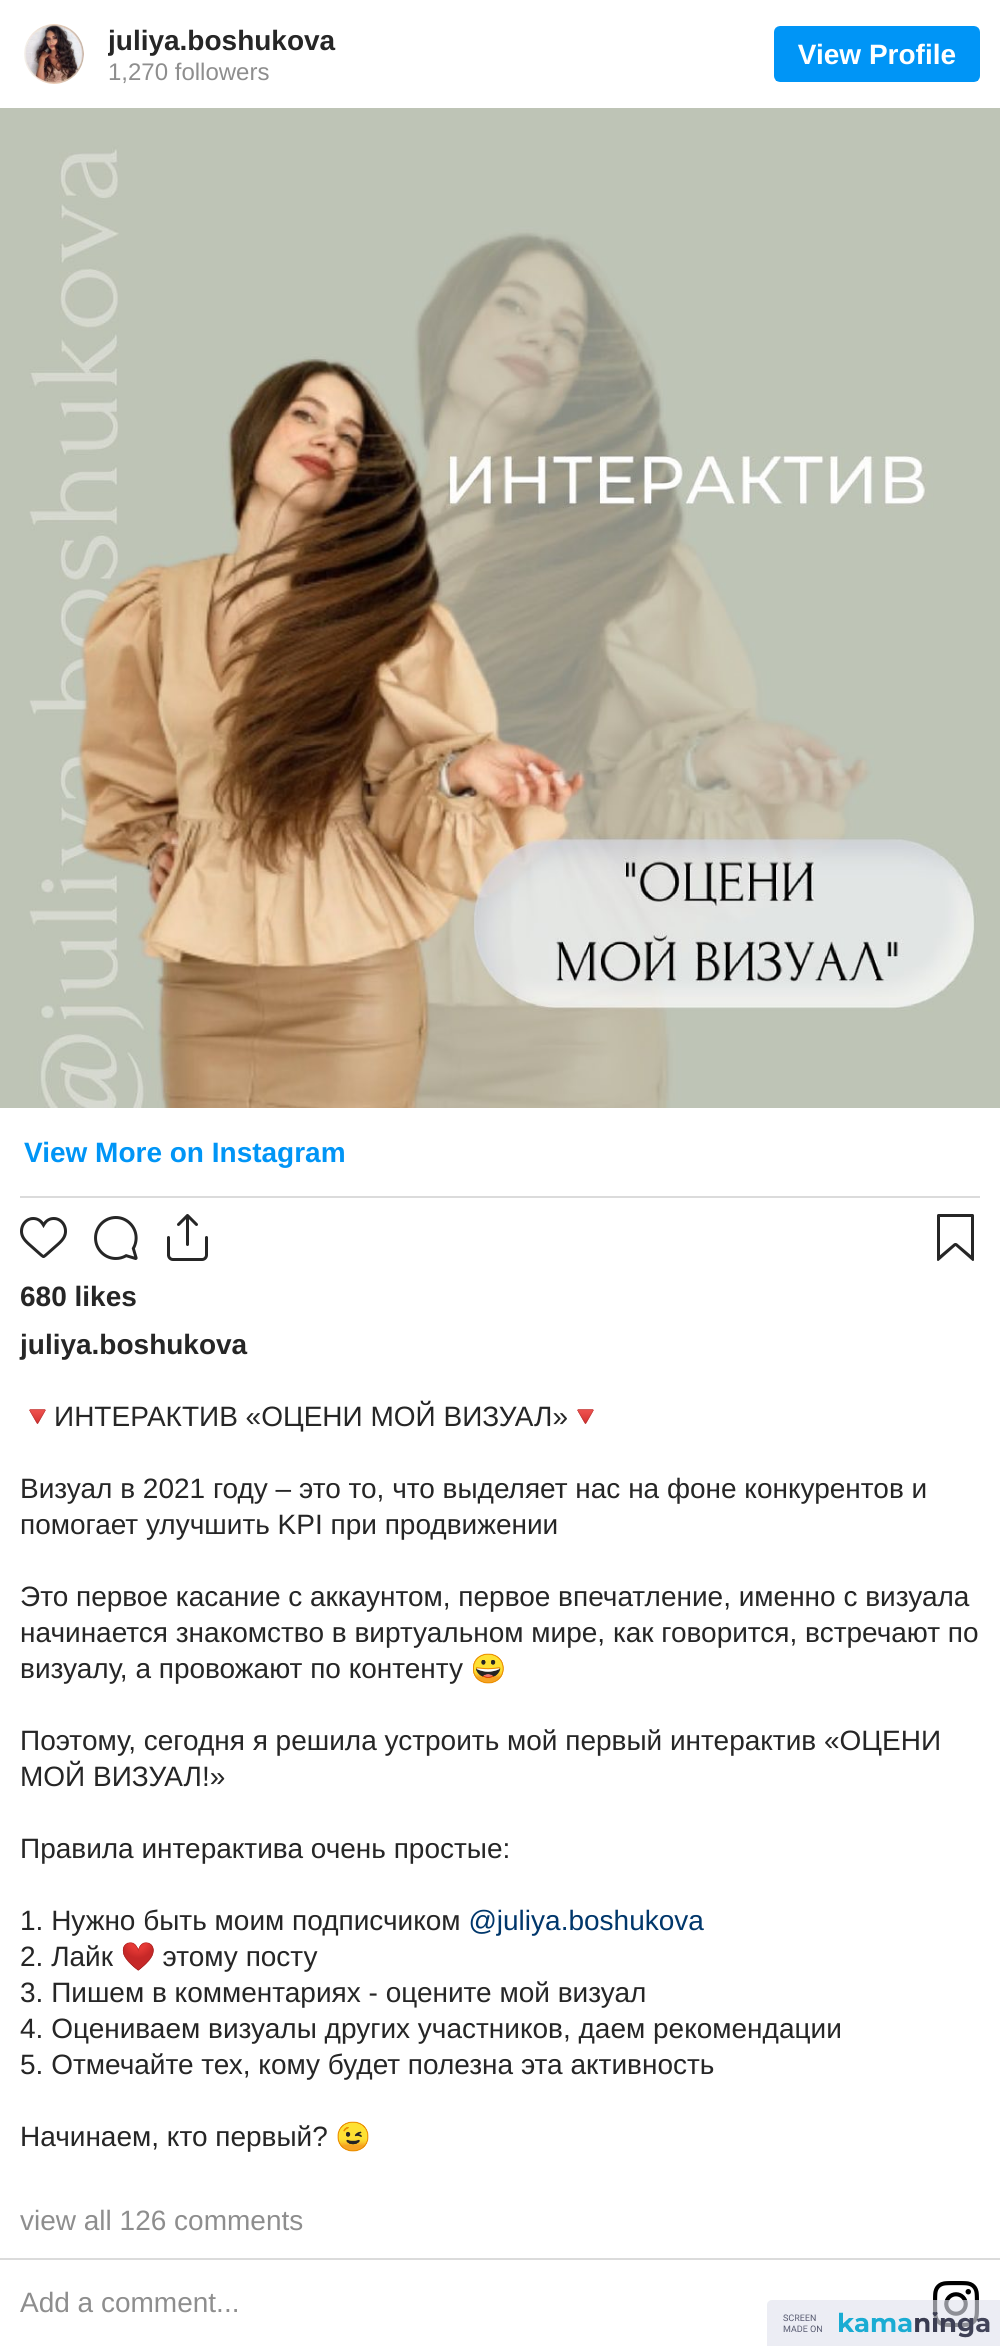 https://www.instagram.com/p/CPur50eB6_Q/